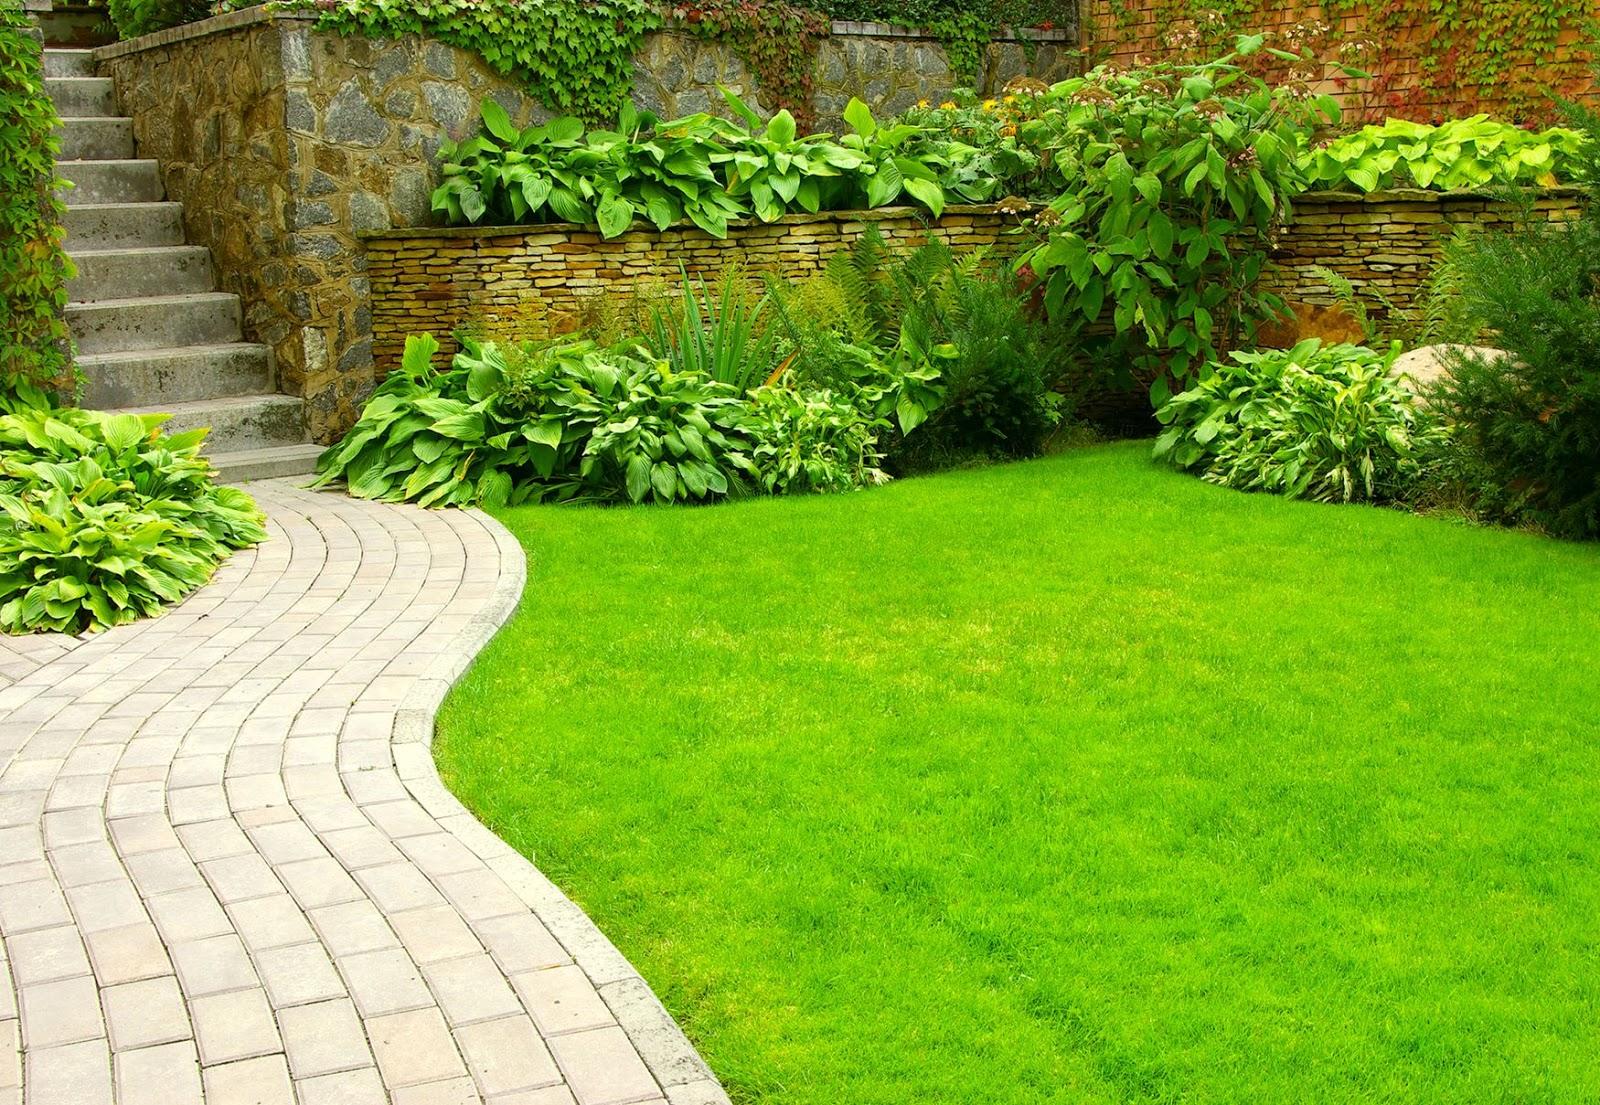 Banco de im genes 9 fotos de jardines dise o exterior - Plantas de jardin fotos ...